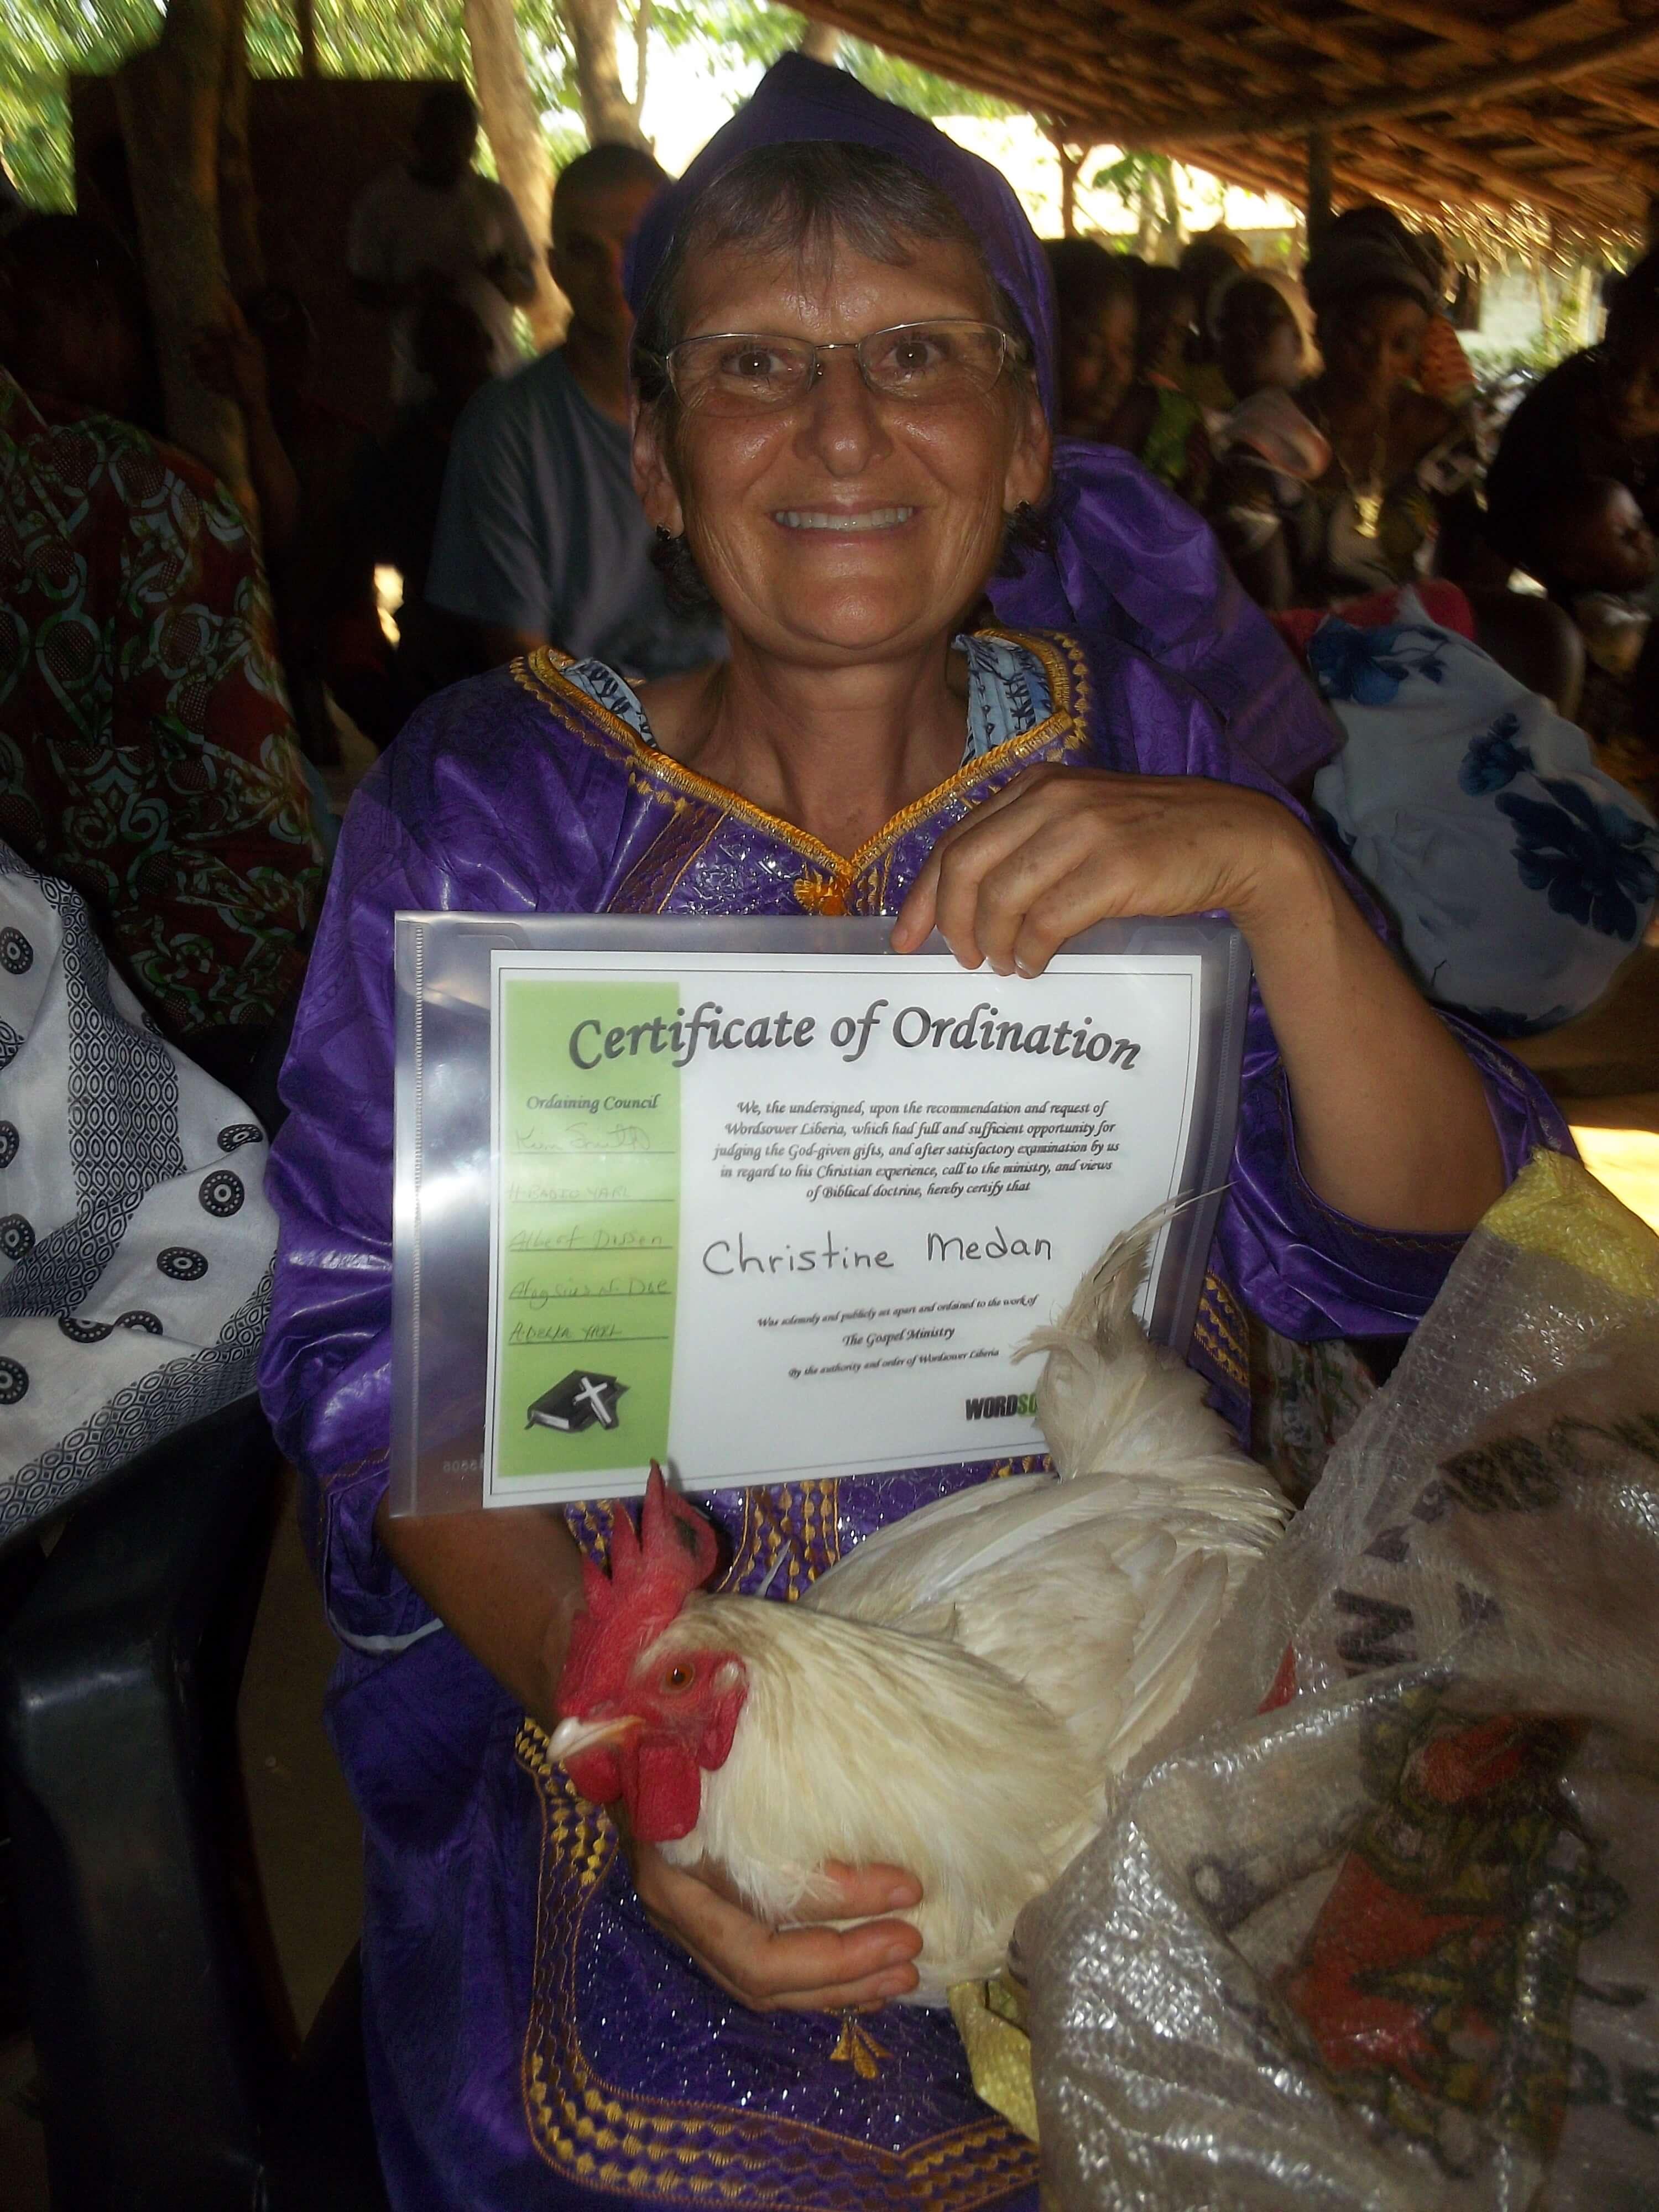 Christine reçoit les honneurs : un certificat d'ordination et un coq ! Cocorico !